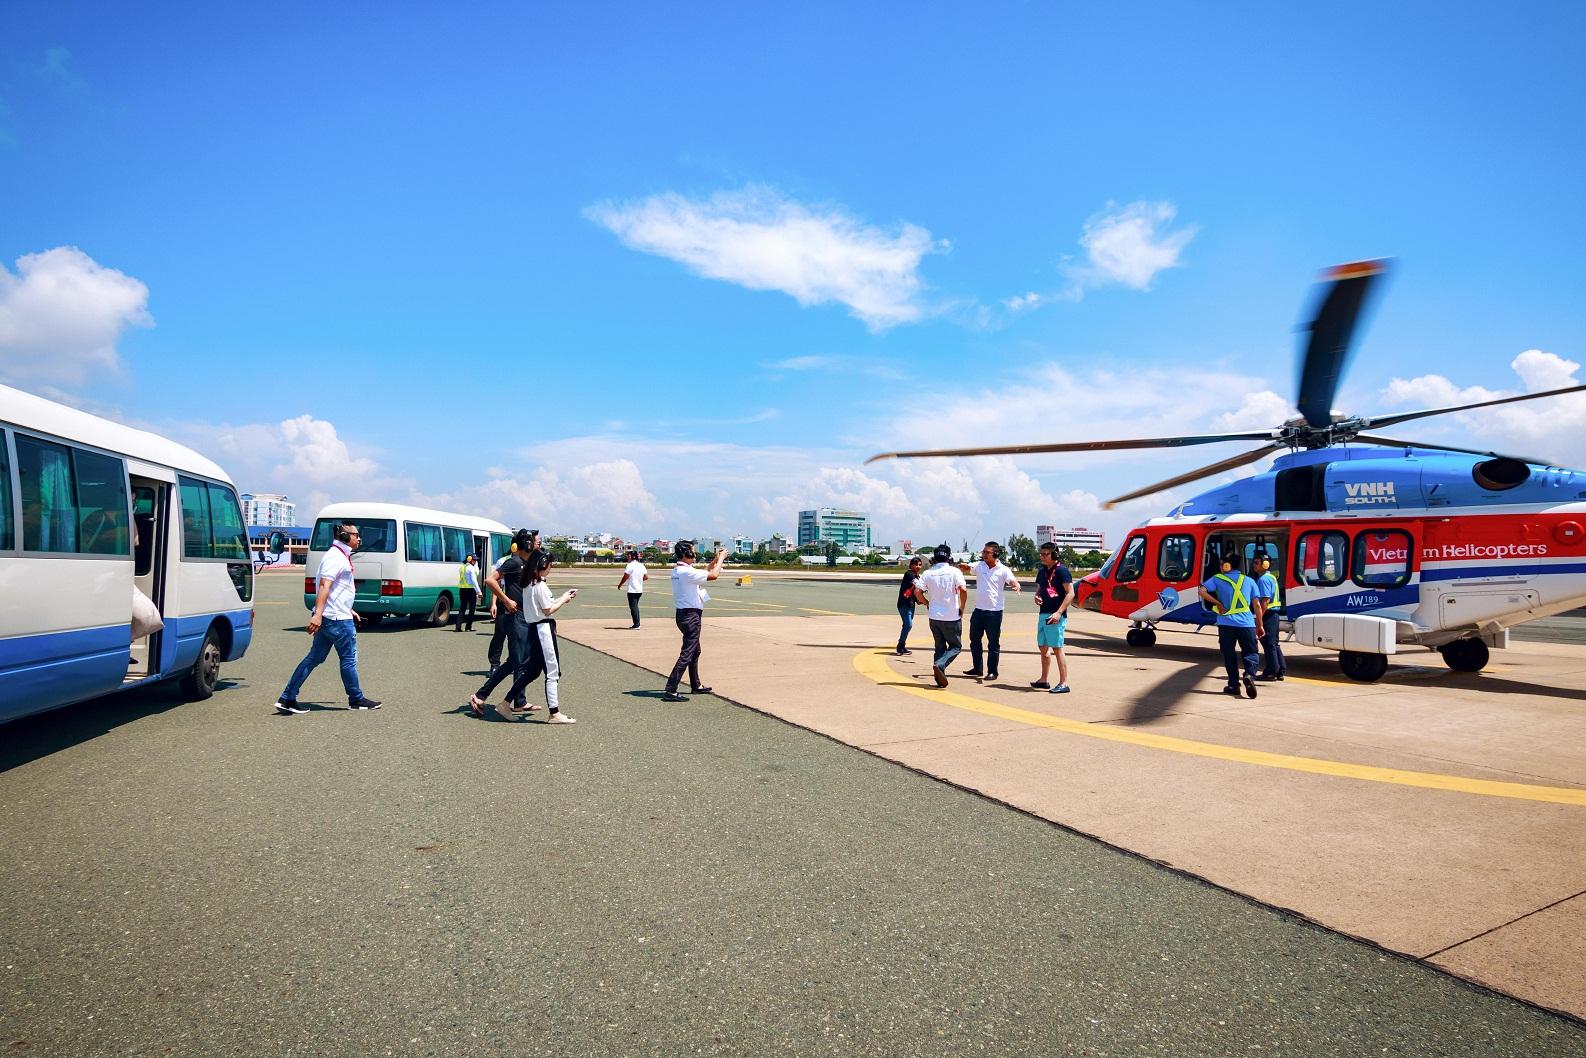 Máy bay trực thăng Vũng Tàu – Côn Đảo sẽ triển khai từ tháng 4/2019